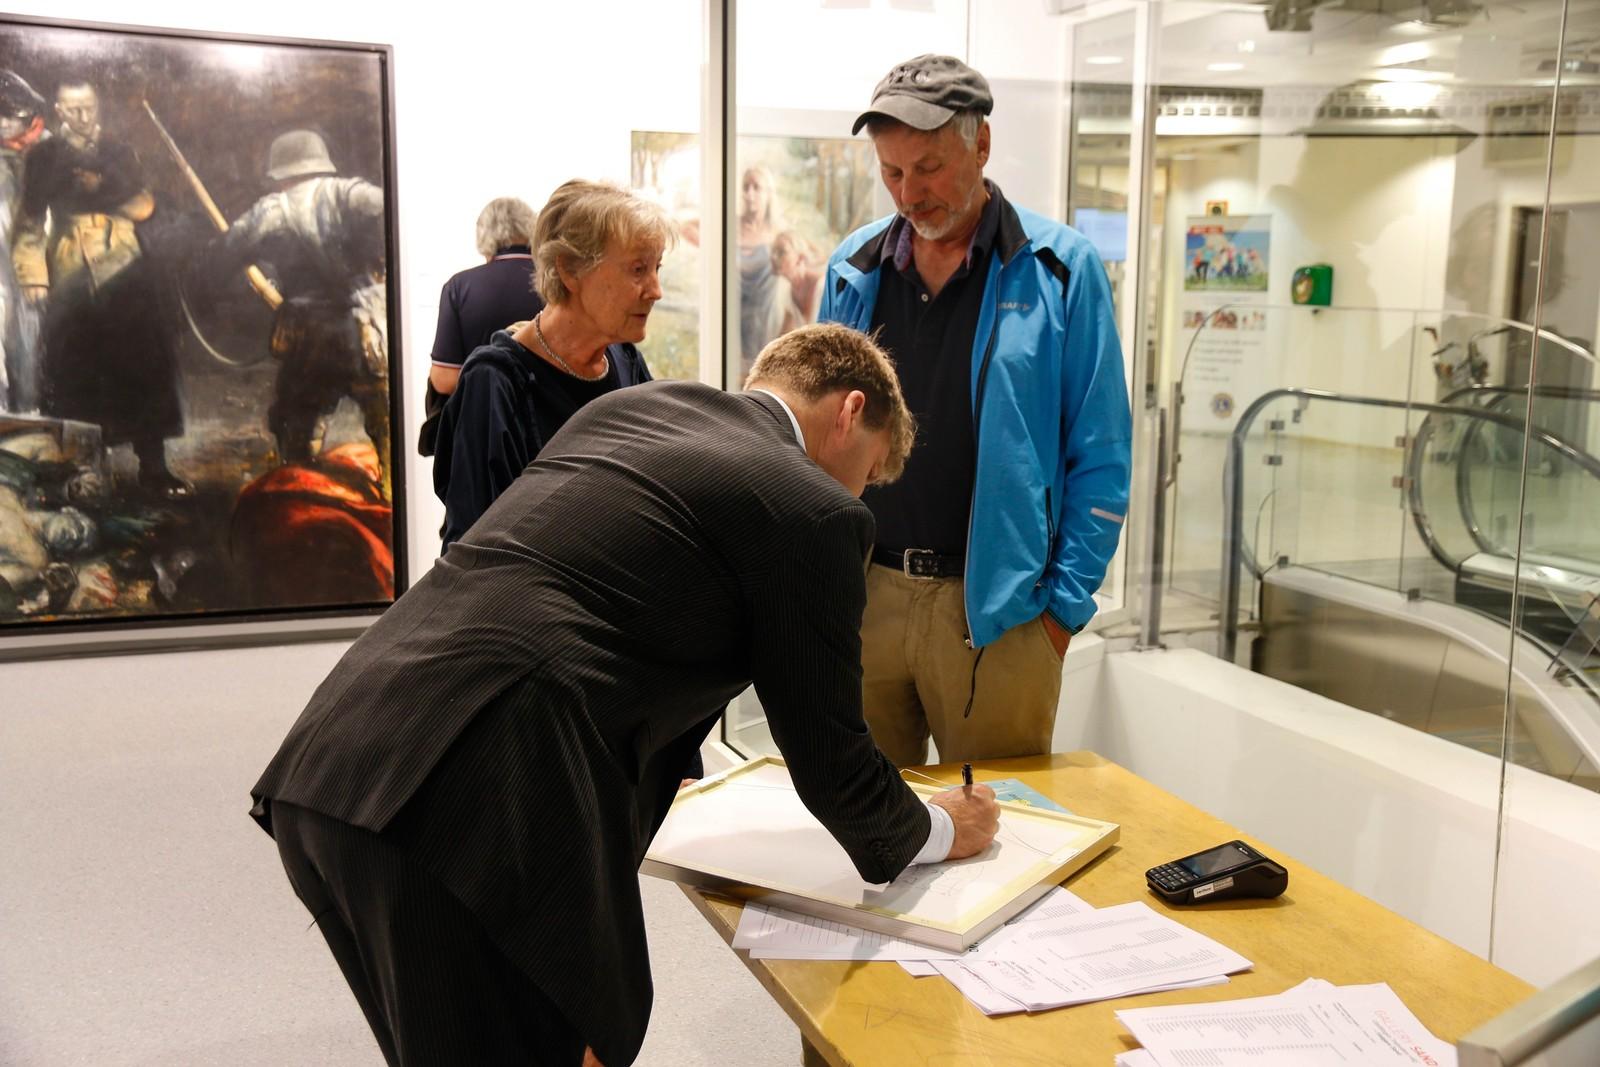 Sunnfjordingane Ingrid og Jens Terum var snare med å sikre seg kunstnaren sin signatur på biletet dei kjøpte med seg. –Eg falt for bilete frå Lofoten. Det har alltid betydd noko for meg. Heile min barndom reiste far min på fiske i Lofoten, så med det same eg såg det biletet, måtte eg kjøpe det, seier Ingrid.